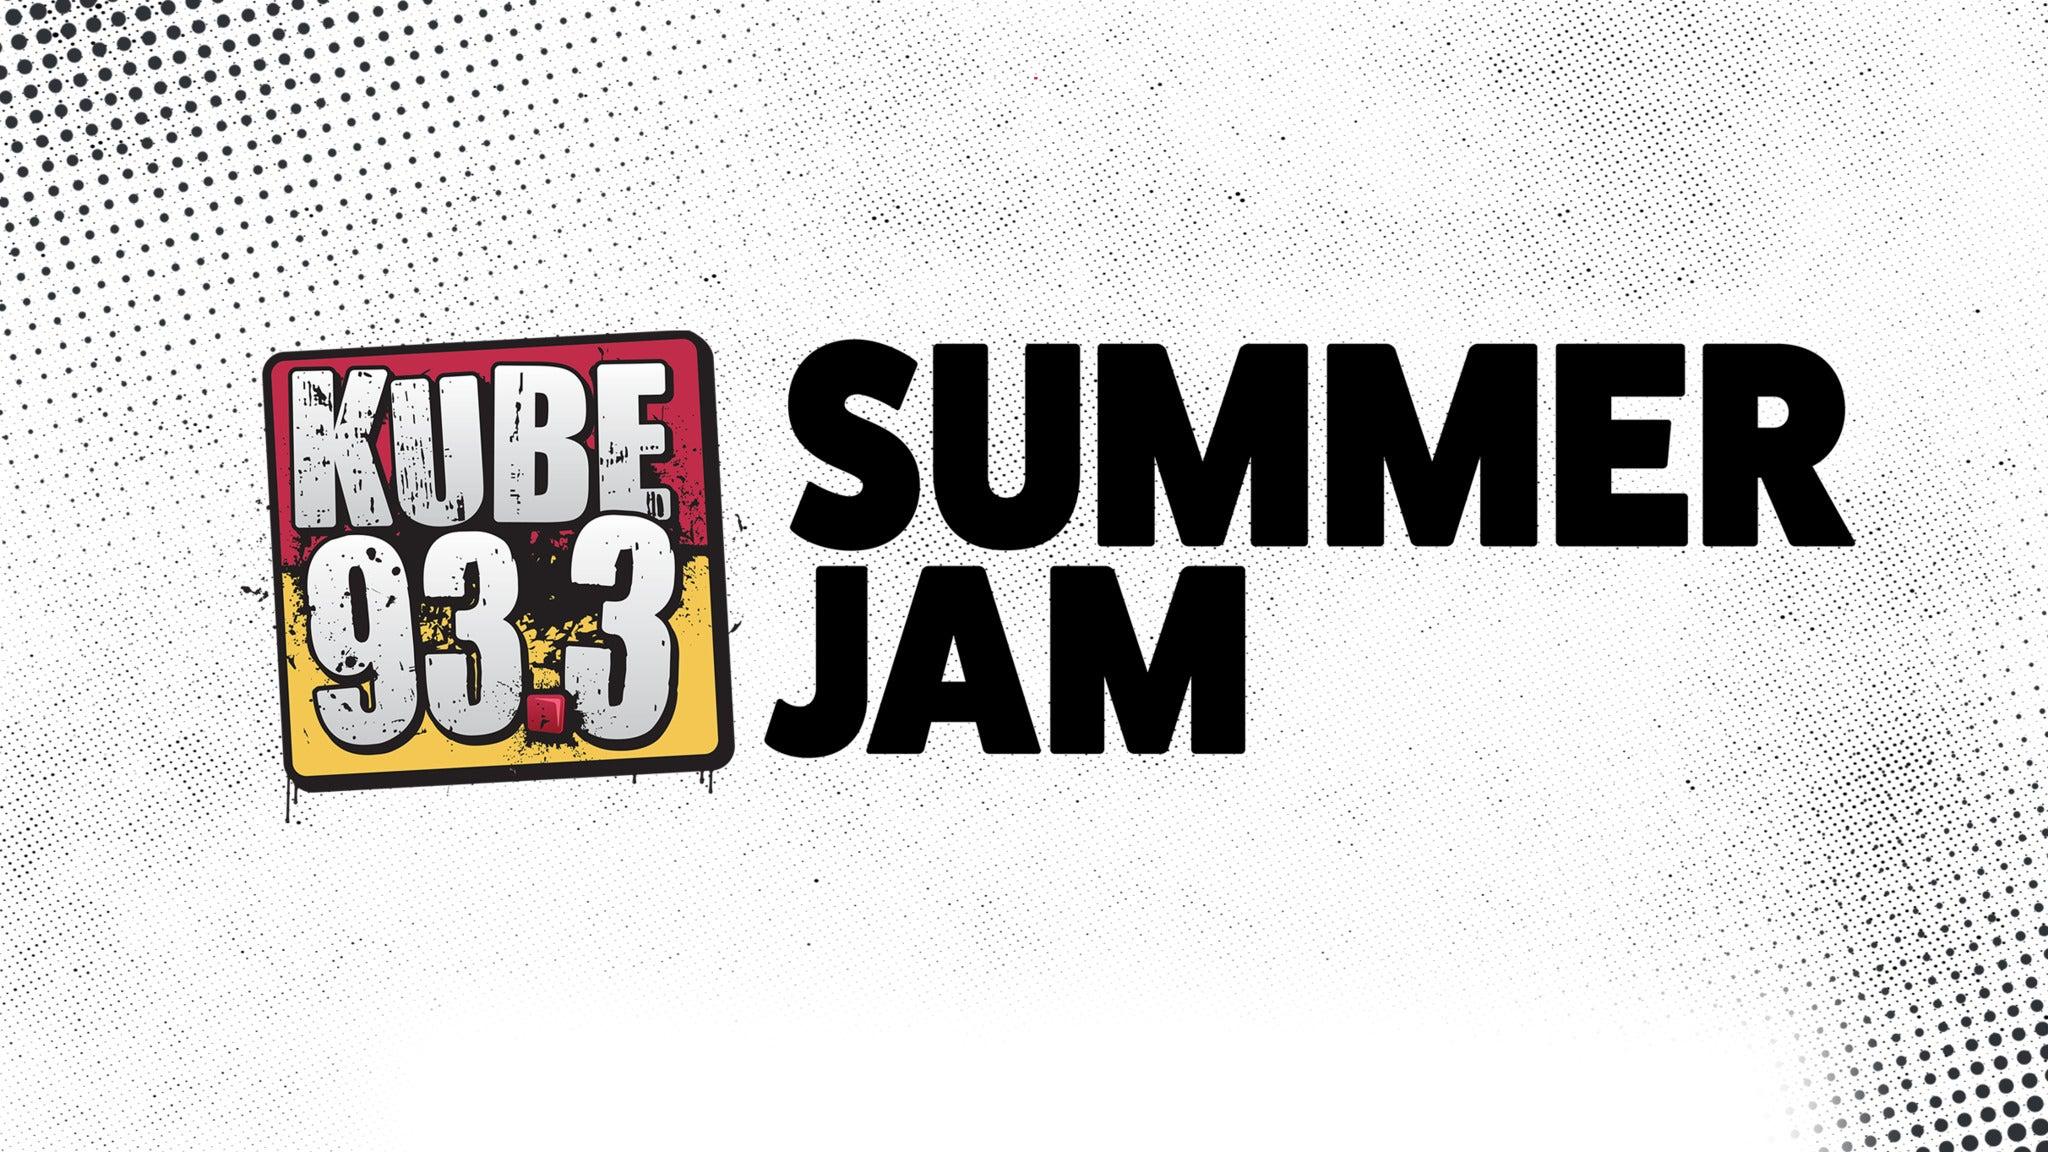 KUBE Summer Jam at Tacoma Dome